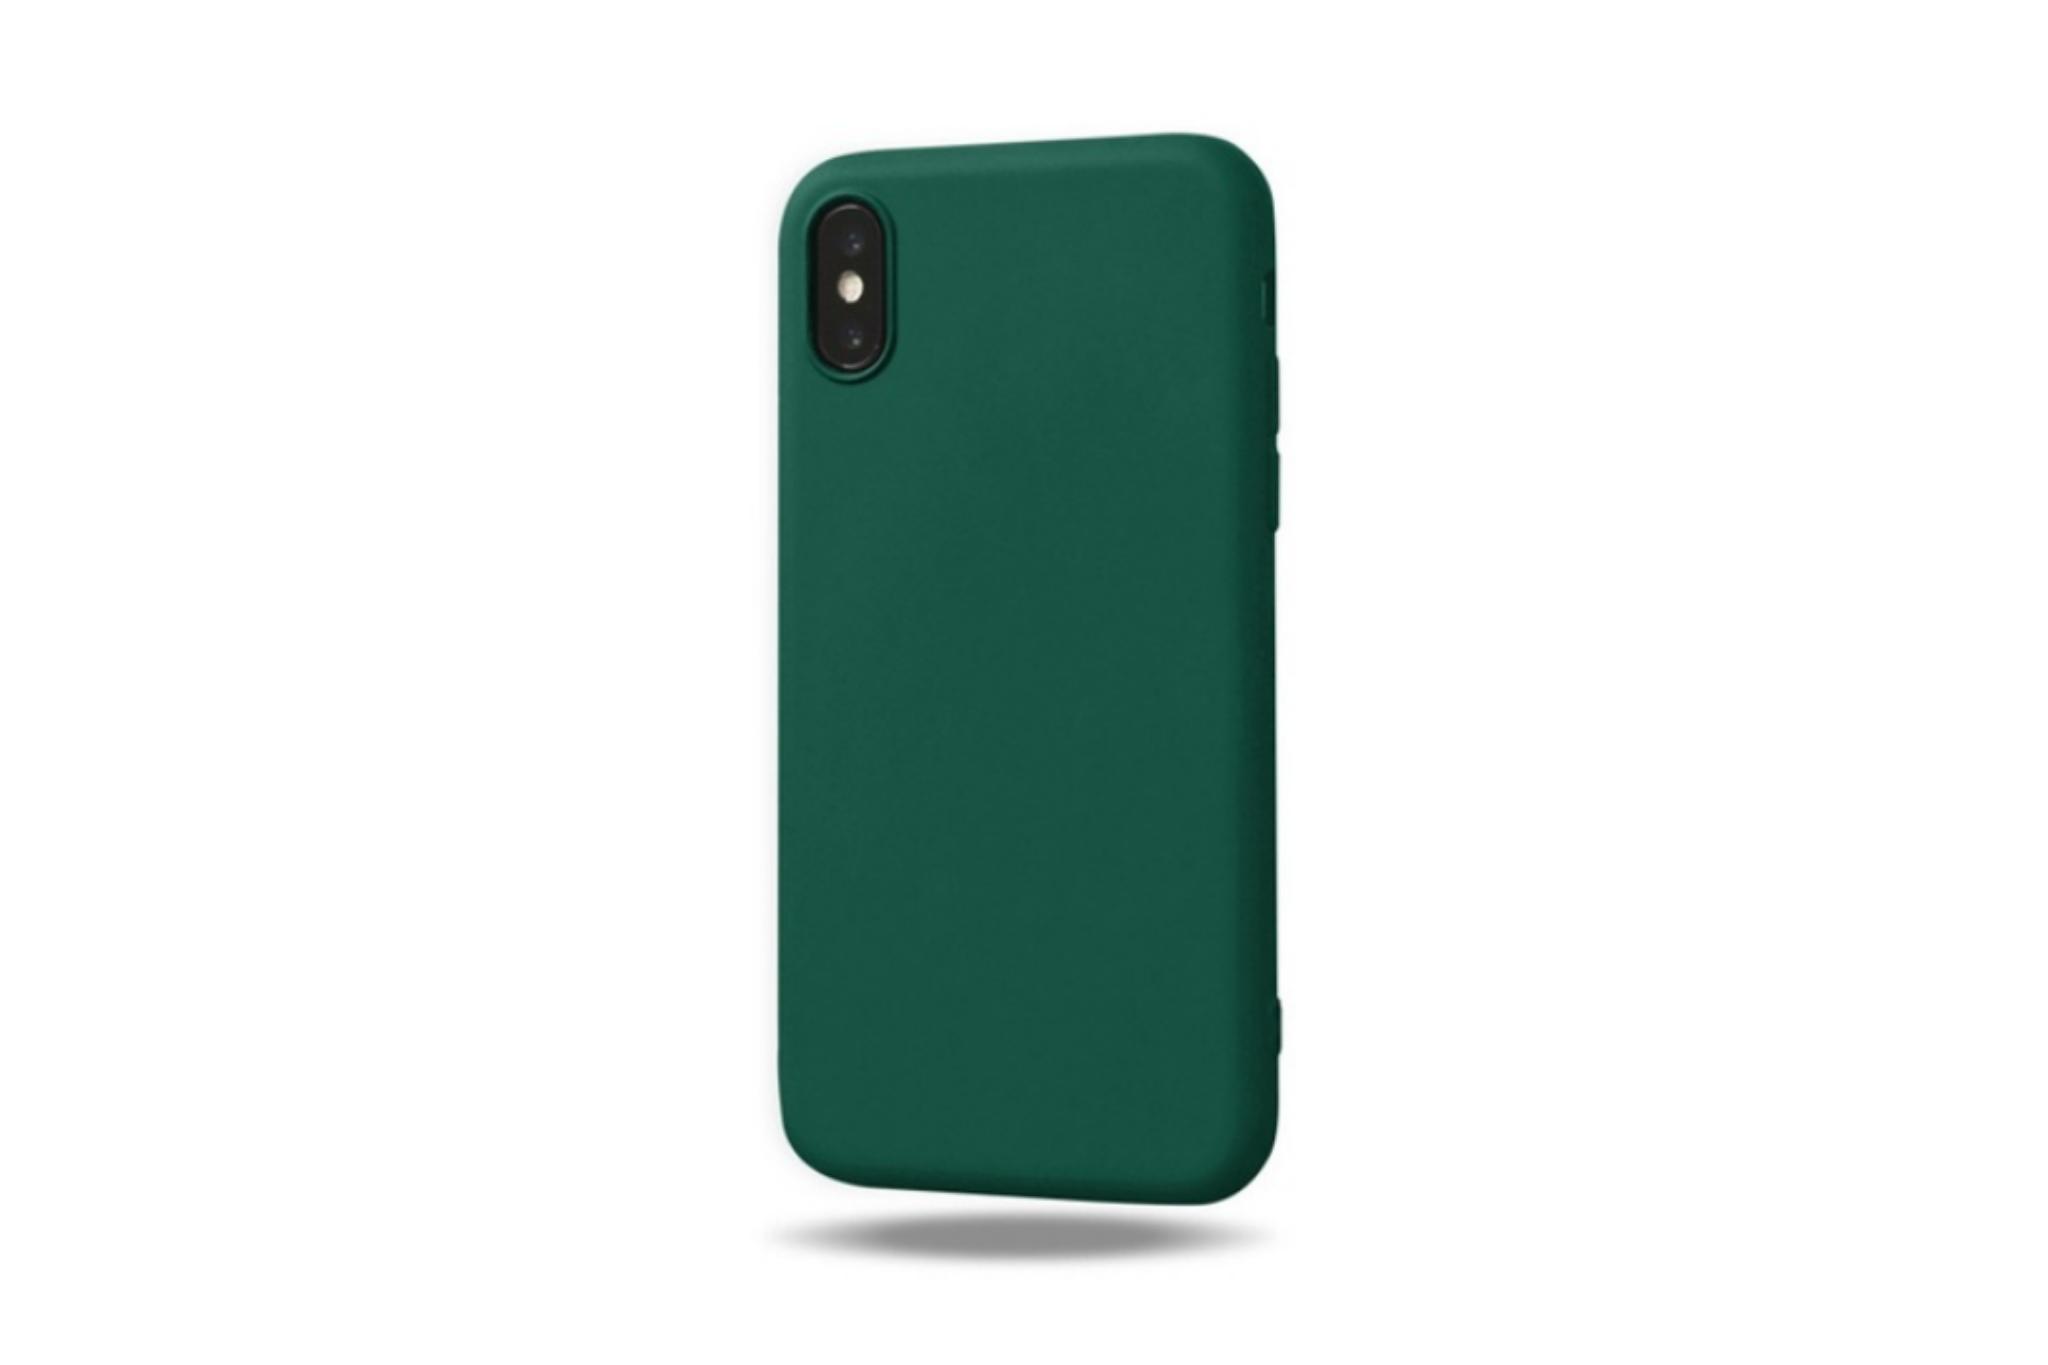 Smartphonehoesje iPhone 11 pro max | Groen